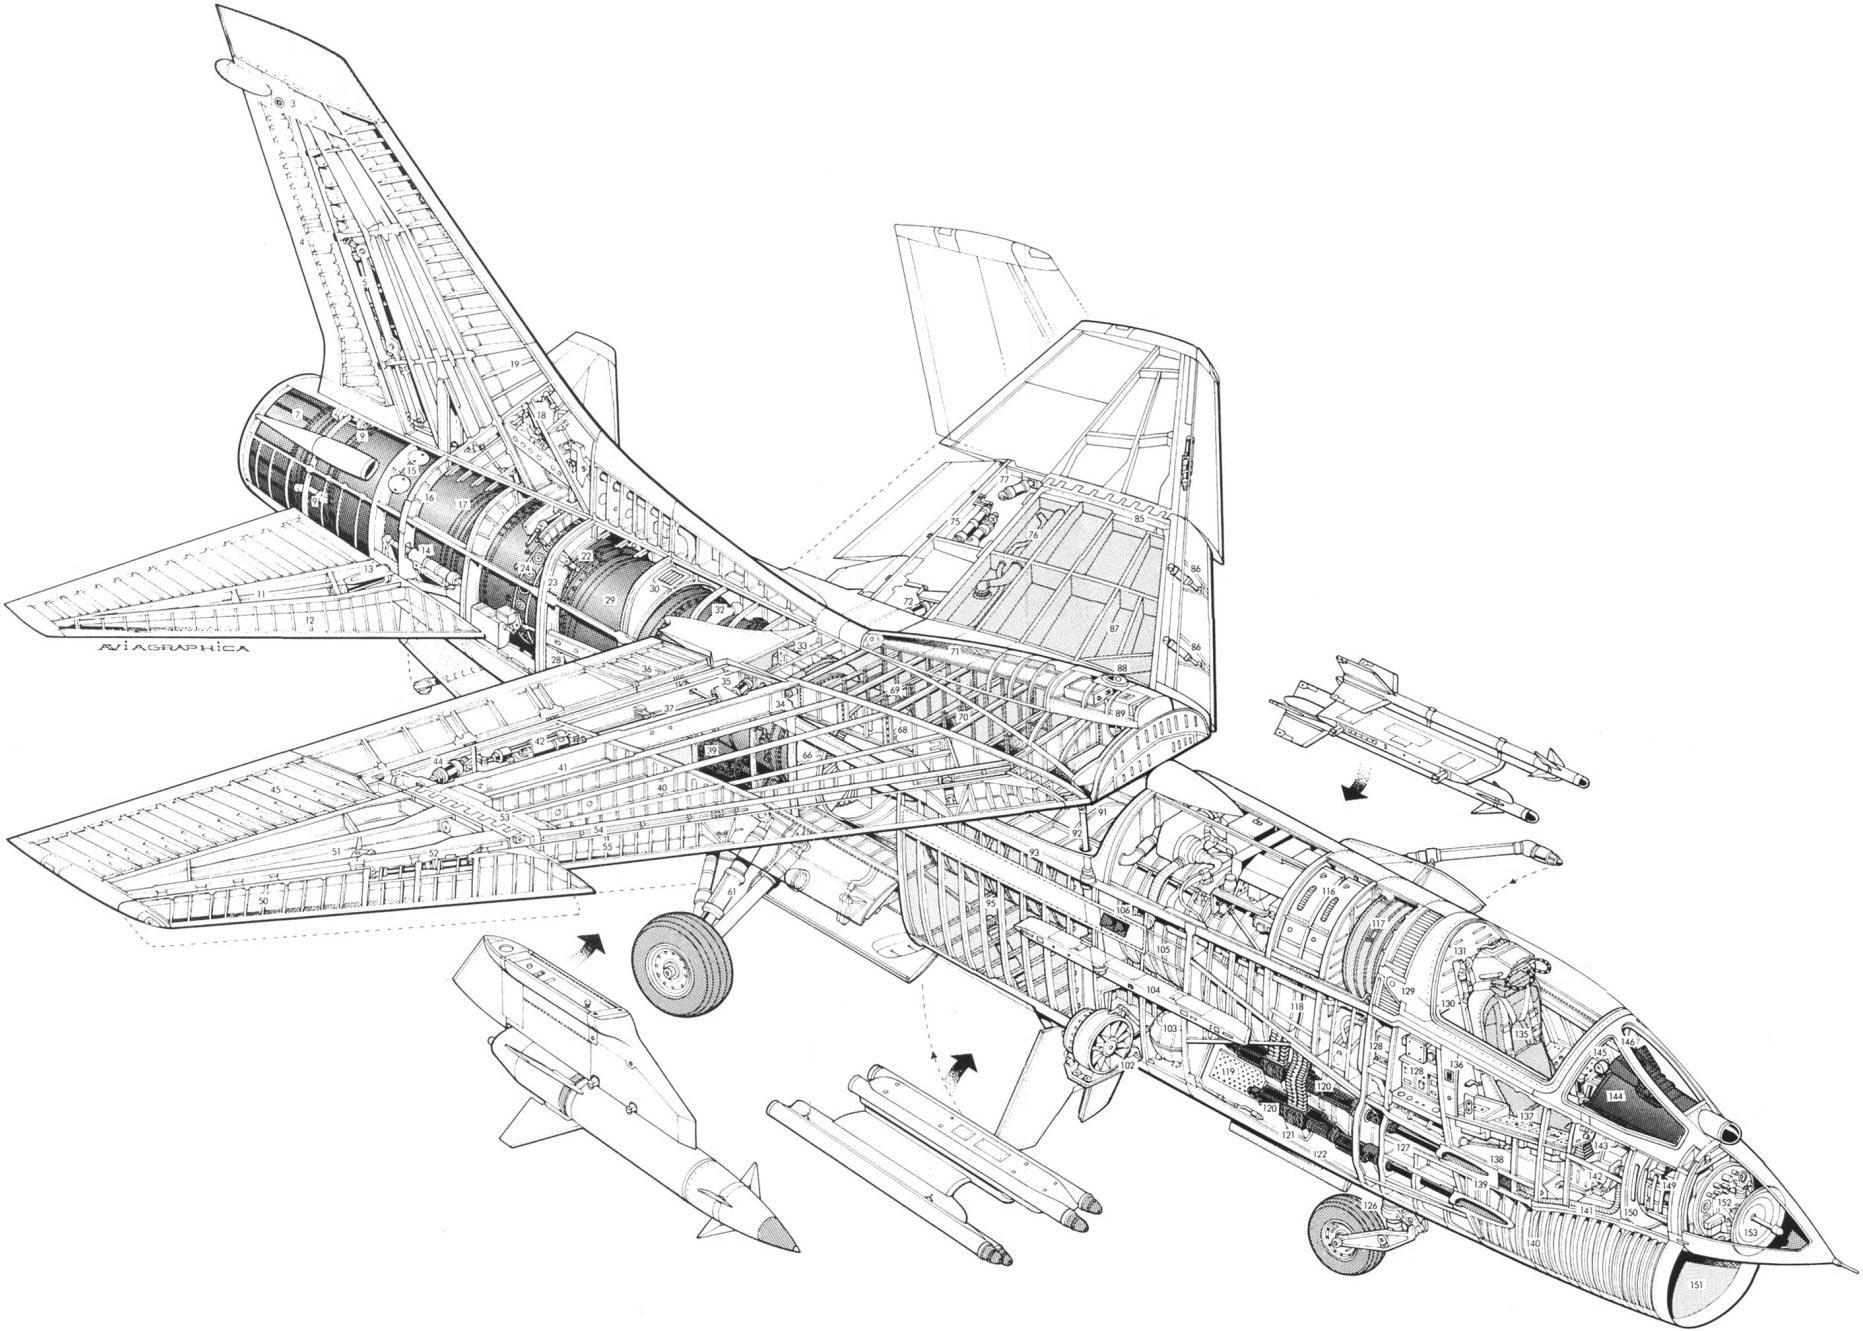 Vought F-8 Crusader cutaway drawing